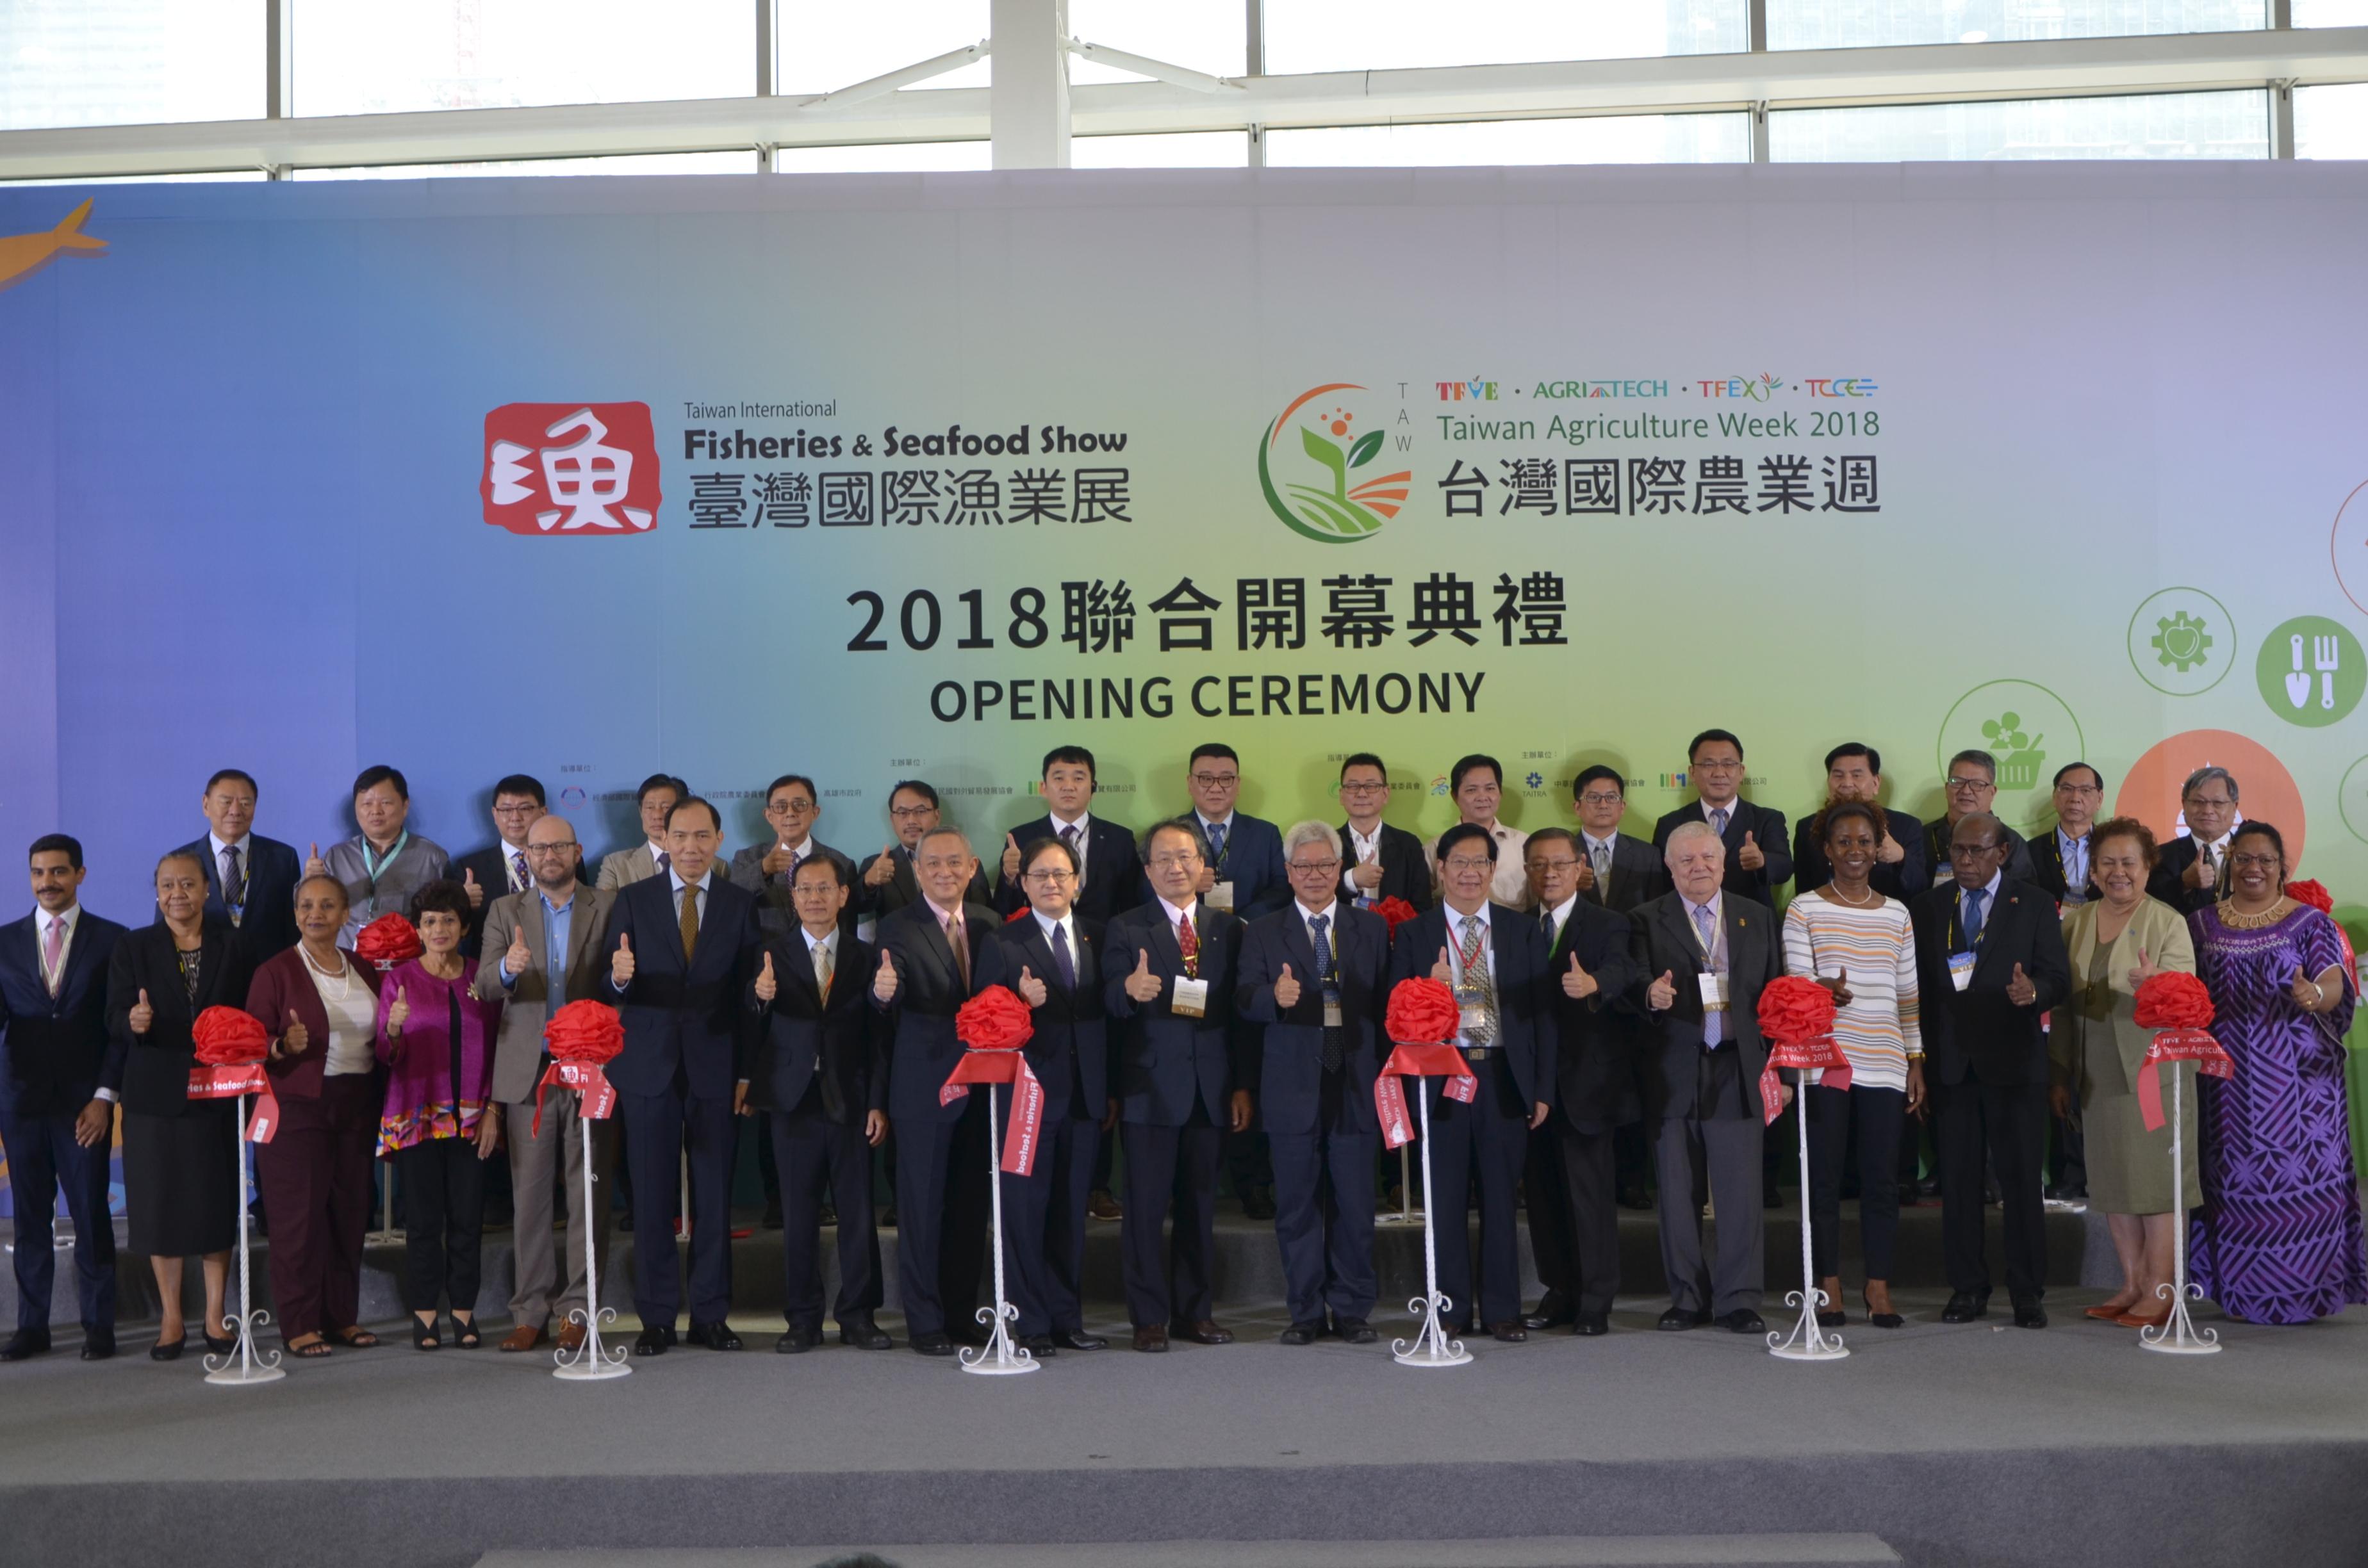 2018臺灣國際漁業展盛大登場